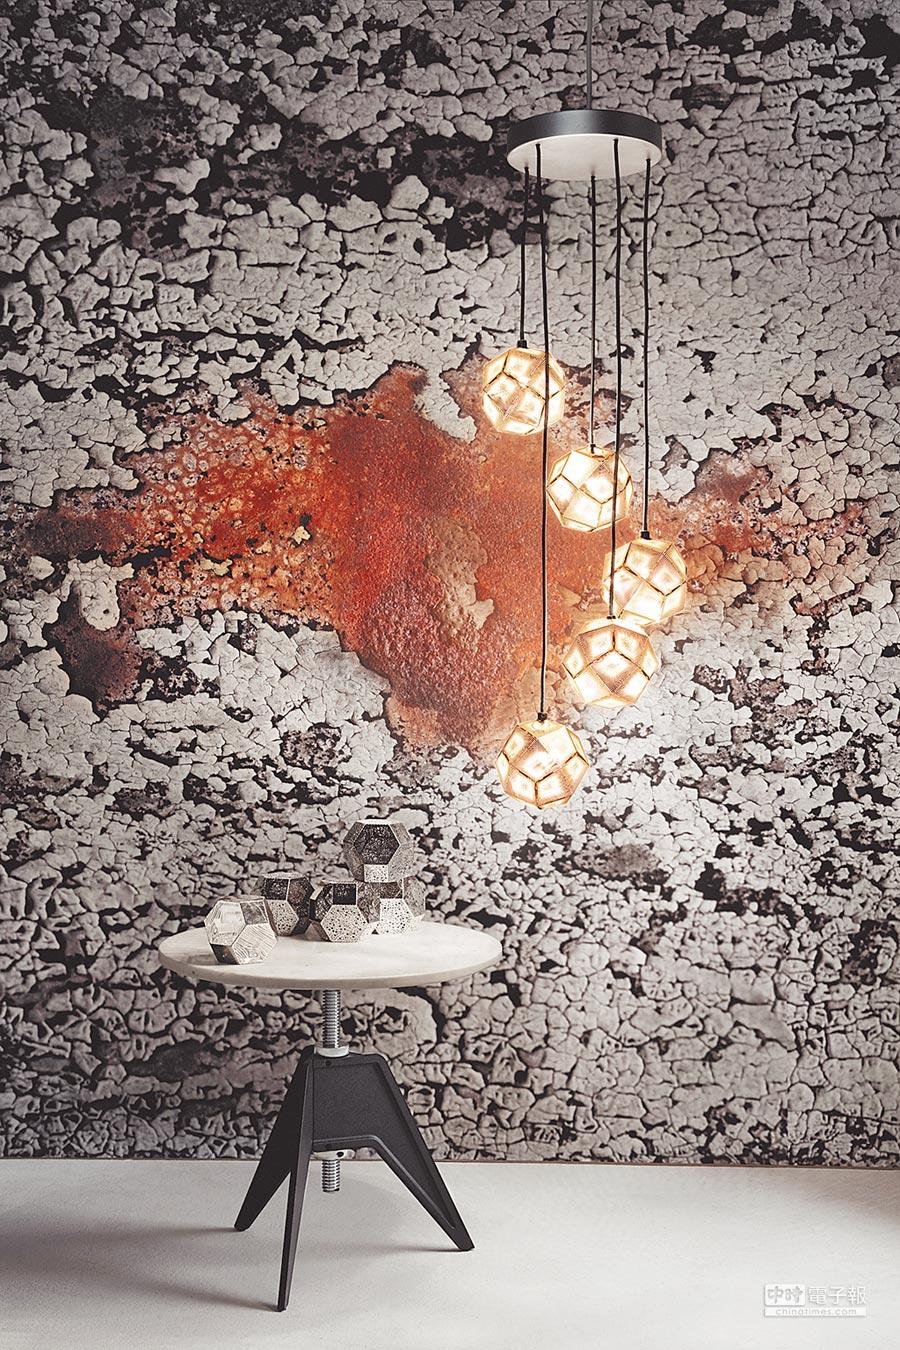 设计名家Tom Dixon话题款的Etch迷你水晶灯,在科隆展出银色系列,让家里可充满时尚感,台湾由MOT引进。